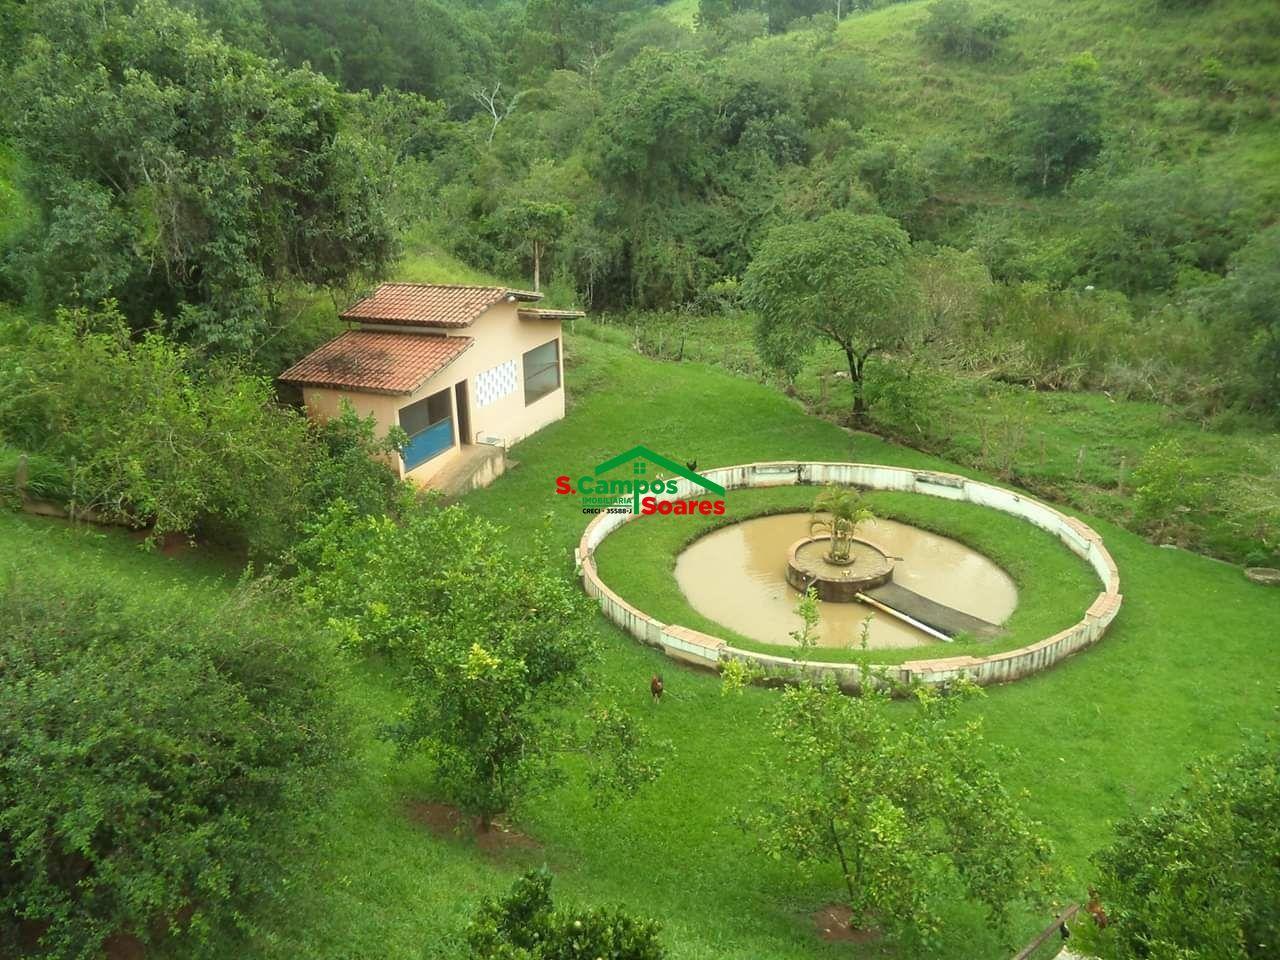 Fazenda/sítio/chácara/haras à venda  no Zona Rural - Guaratinguetá, SP. Imóveis